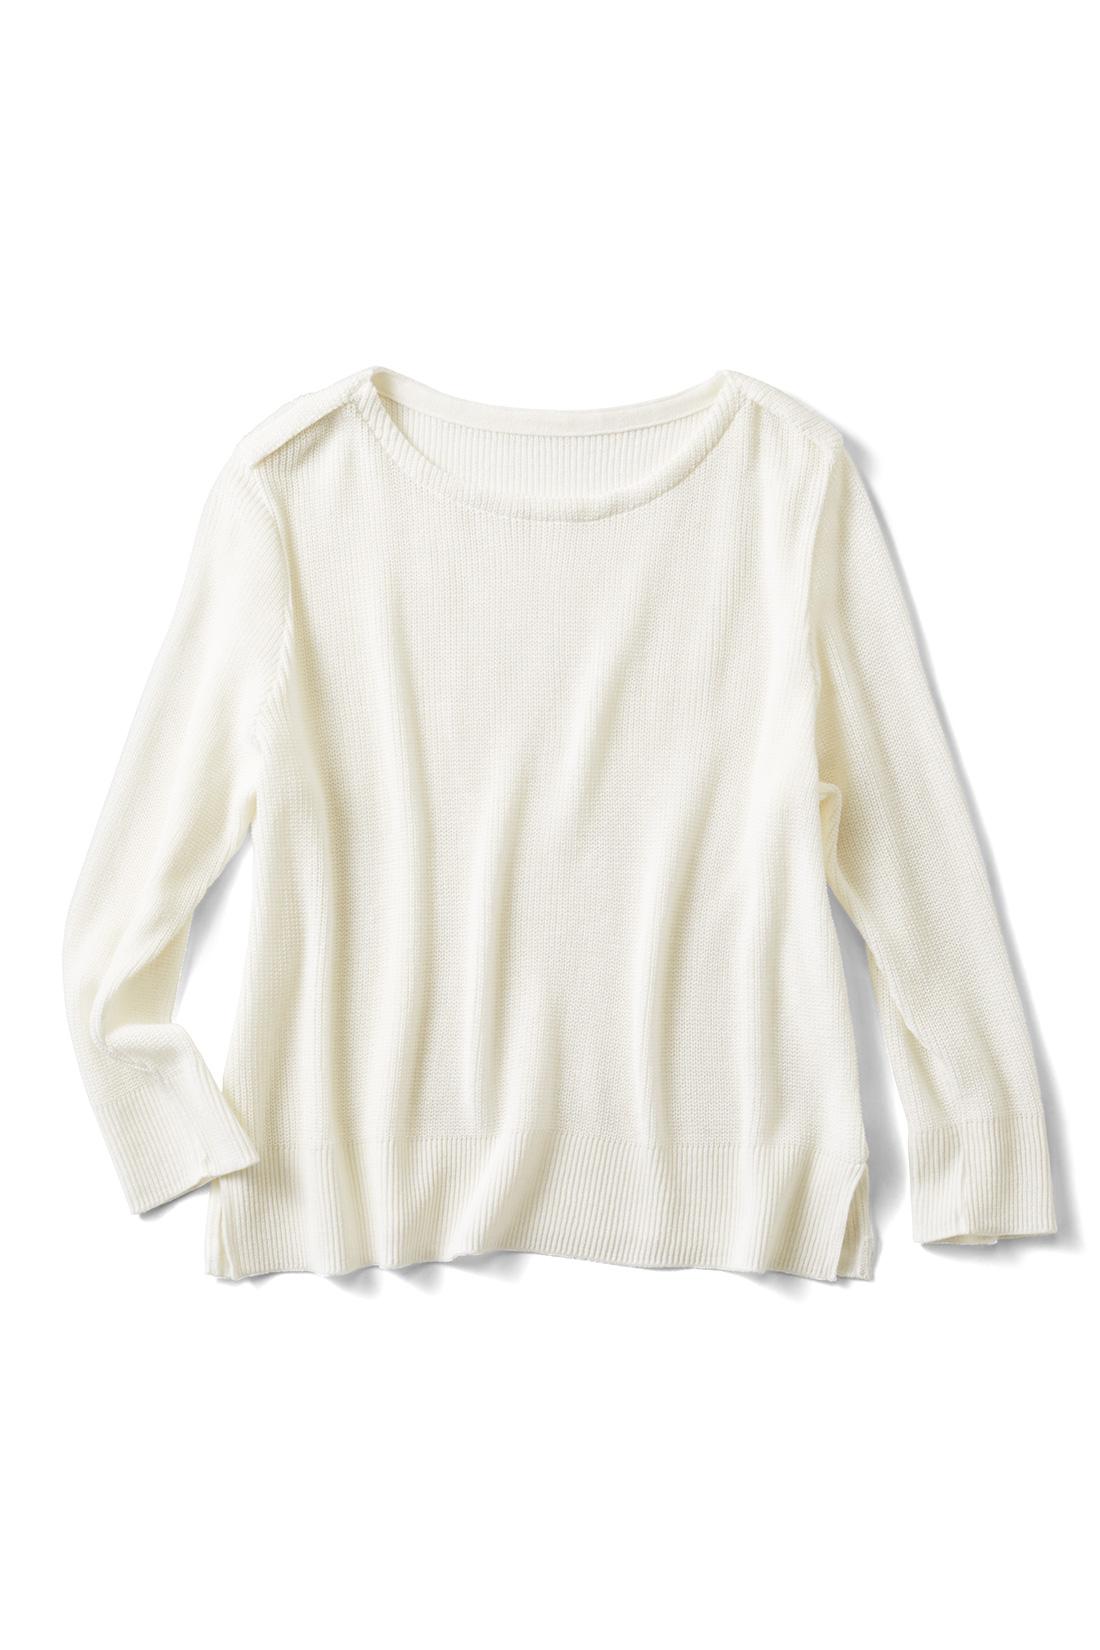 [オフホワイト]肩のデザインにご注目ください。七分袖だよ。